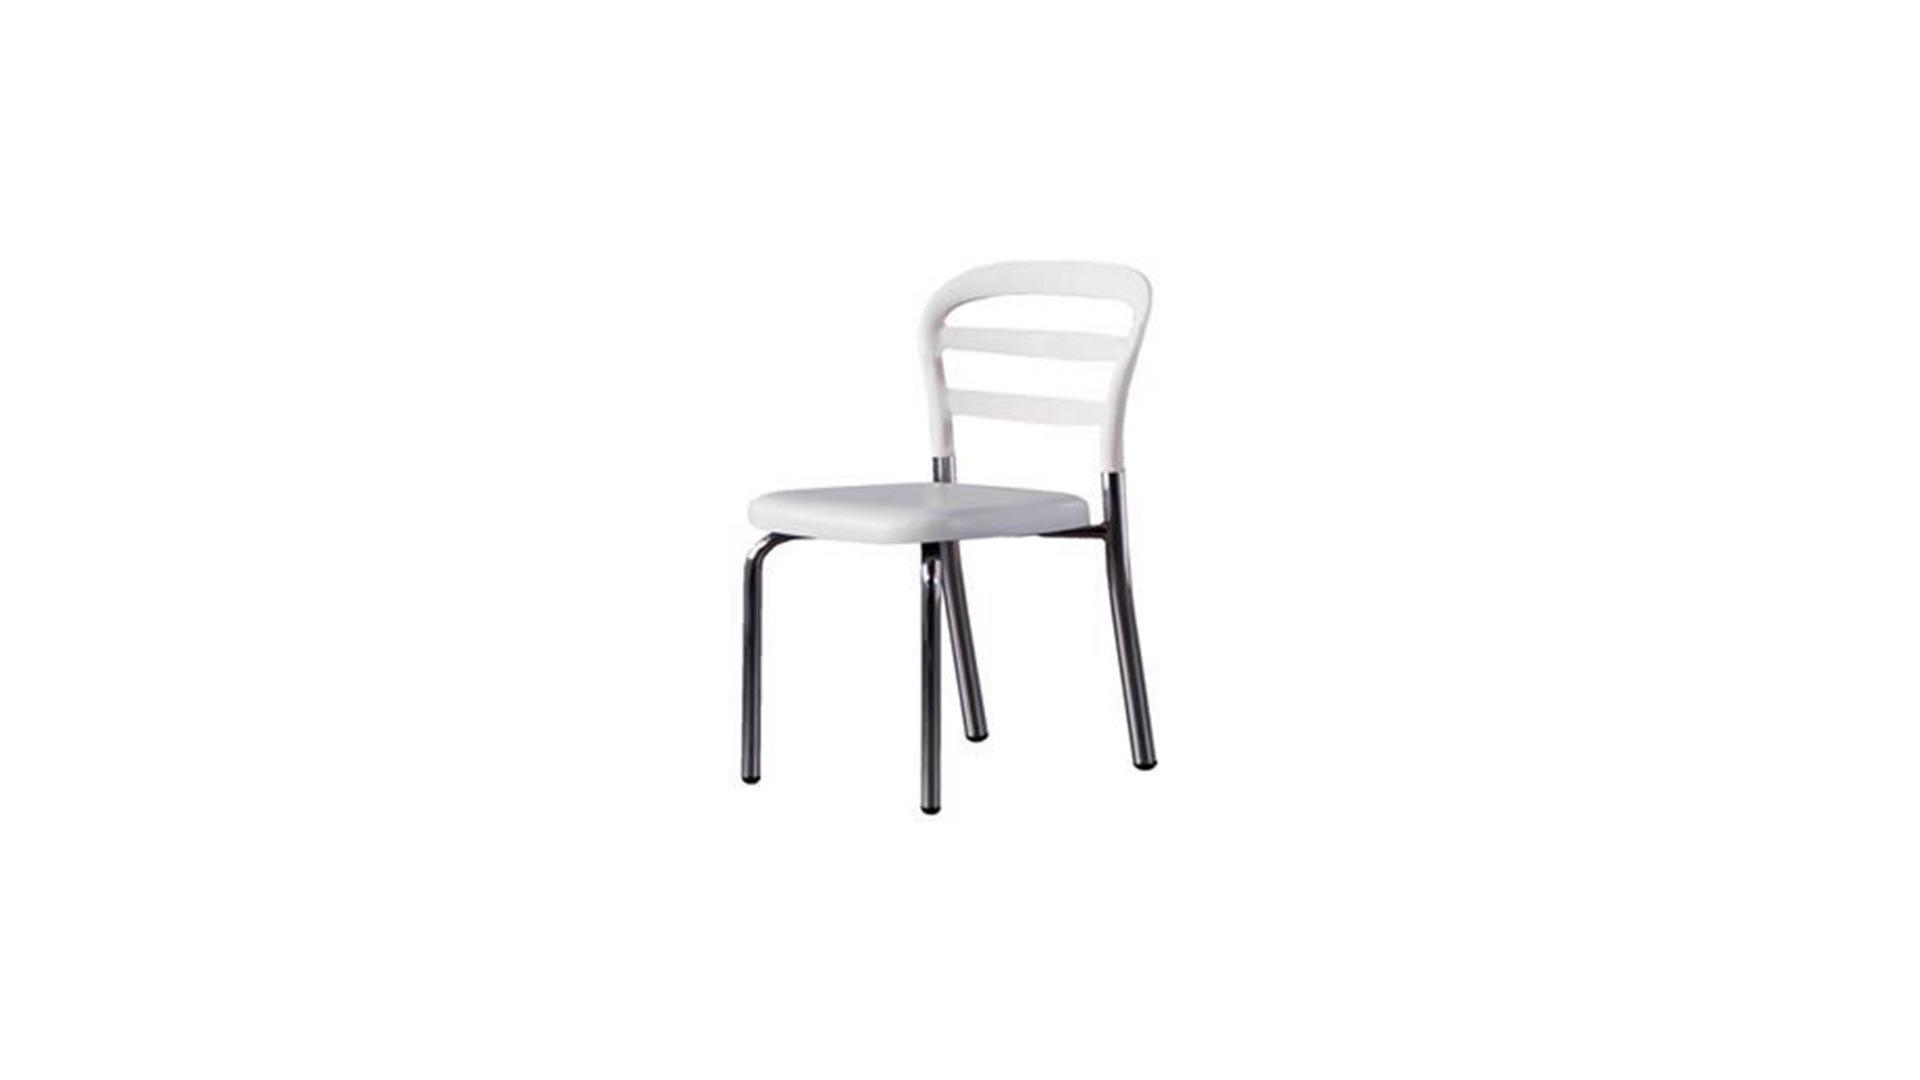 Noa Mutfak Sandalyesi (Beyaz)